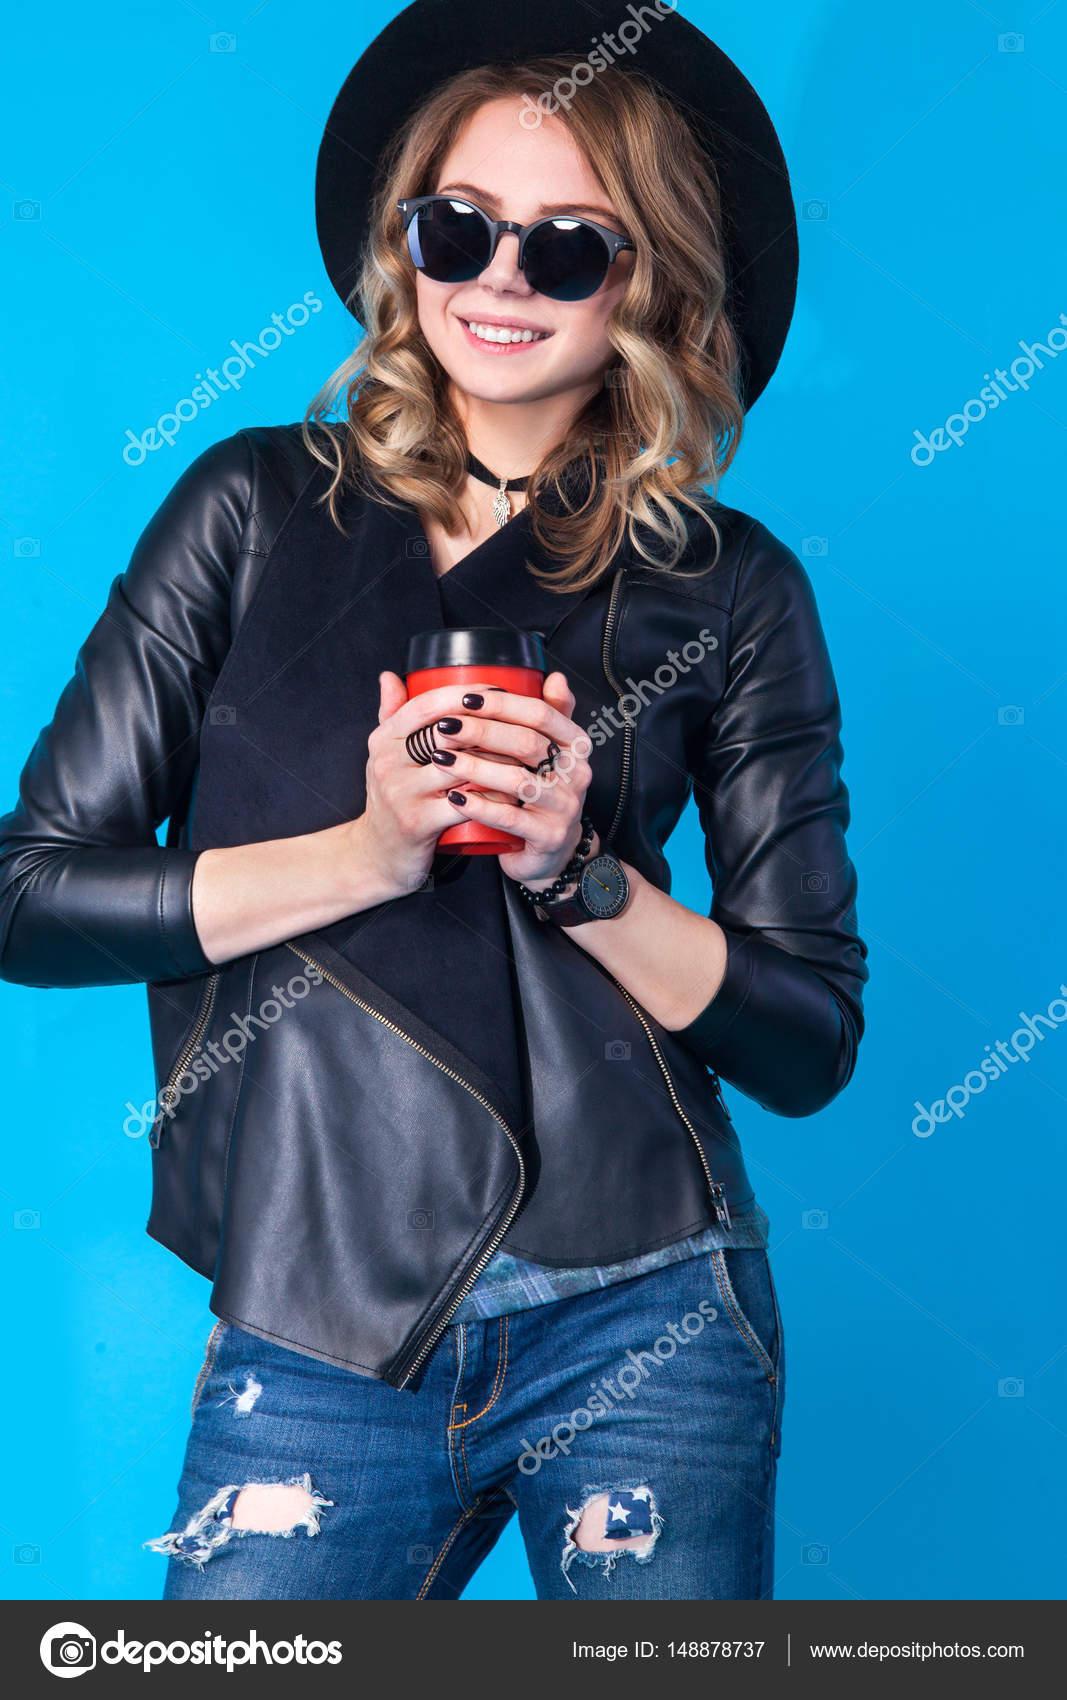 marques reconnues usa pas cher vente gamme exceptionnelle de styles et de couleurs Femme de hipster mode posant sur fond bleu. Noir veste en ...